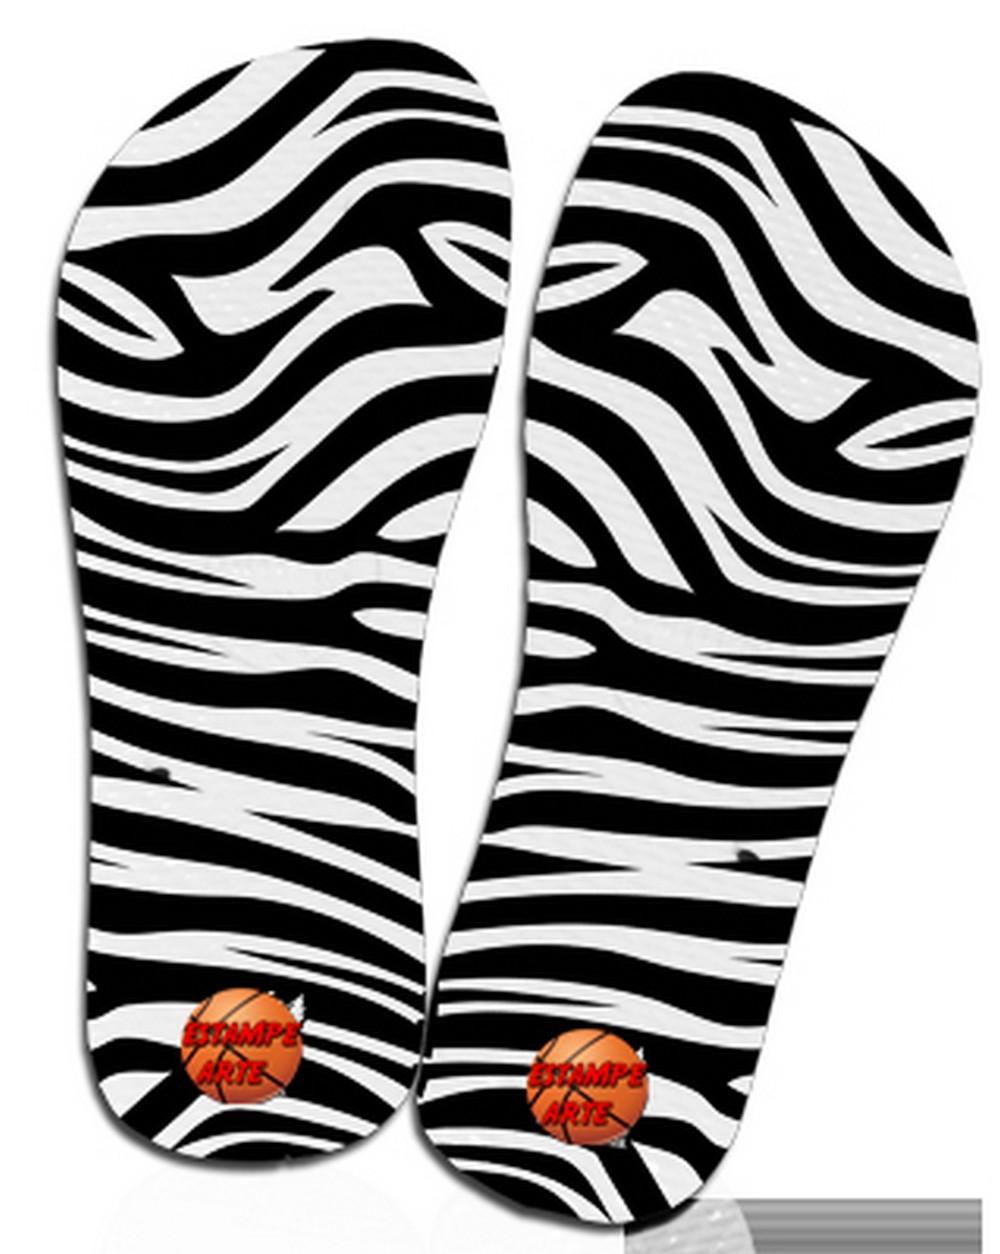 Chinelos Com Estampa Onca Zebra Calcadao No Elo7 Estampe Arte